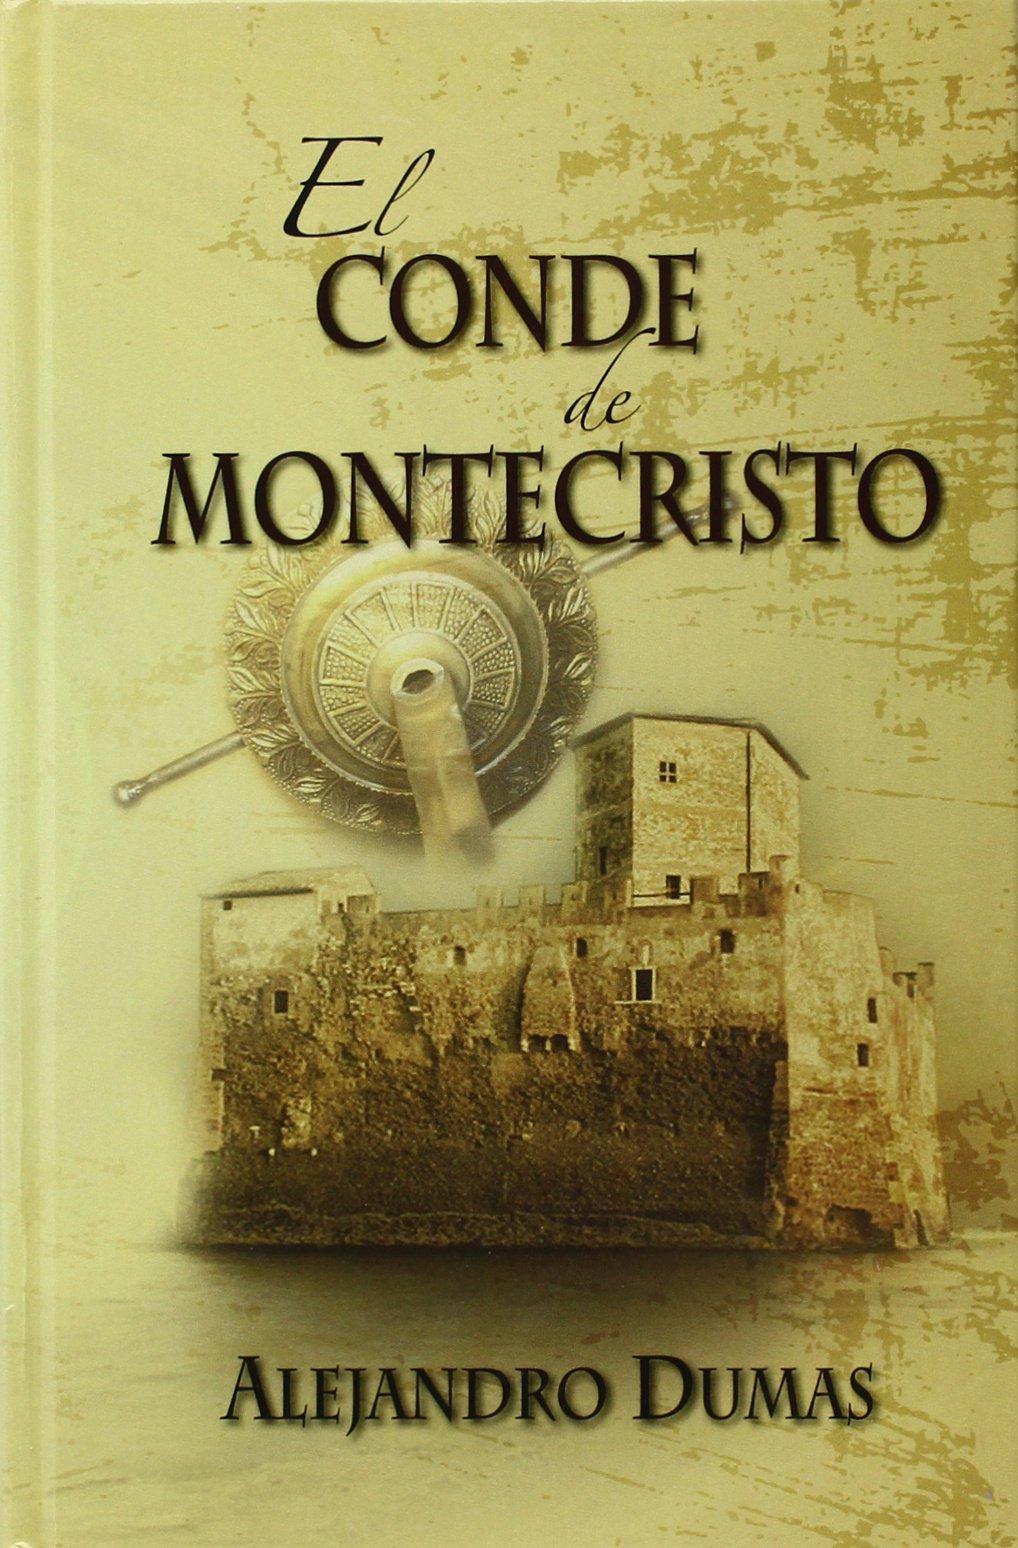 Resultado de imagen para caratula libro El conde de Montecristo